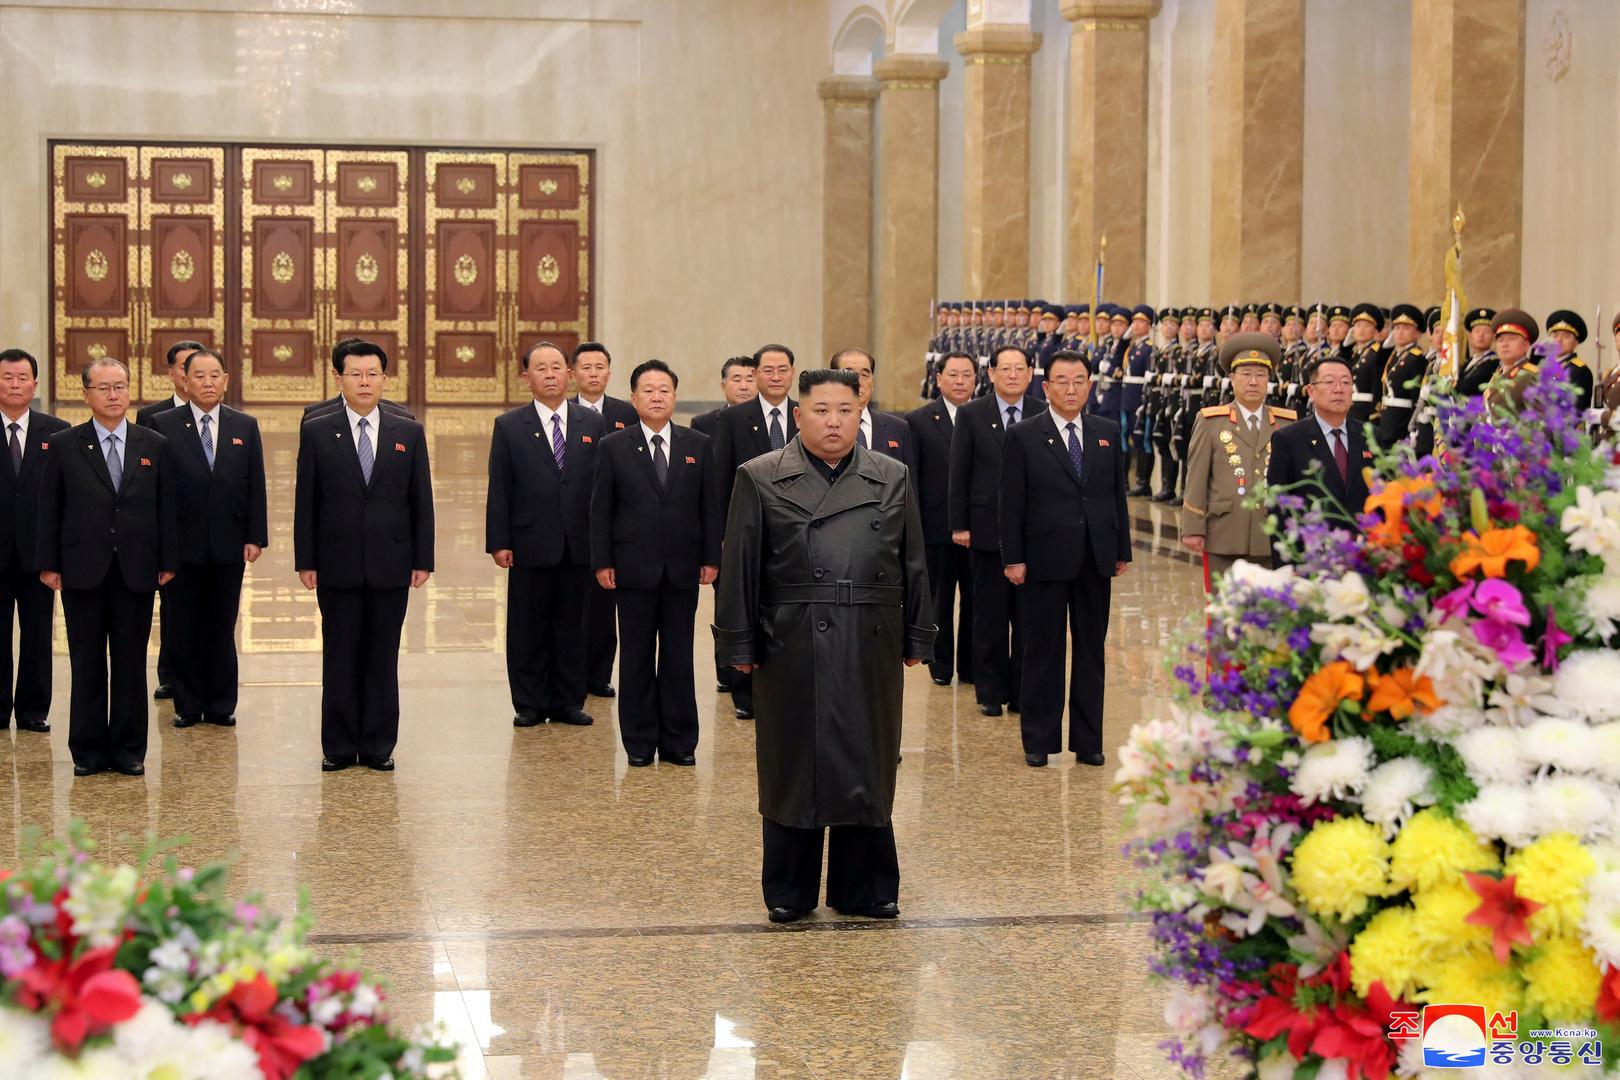 الزعيم الكوري الشمالي يزور ضريح والده في ذكرى ميلاده دون احتفالات ضخمة